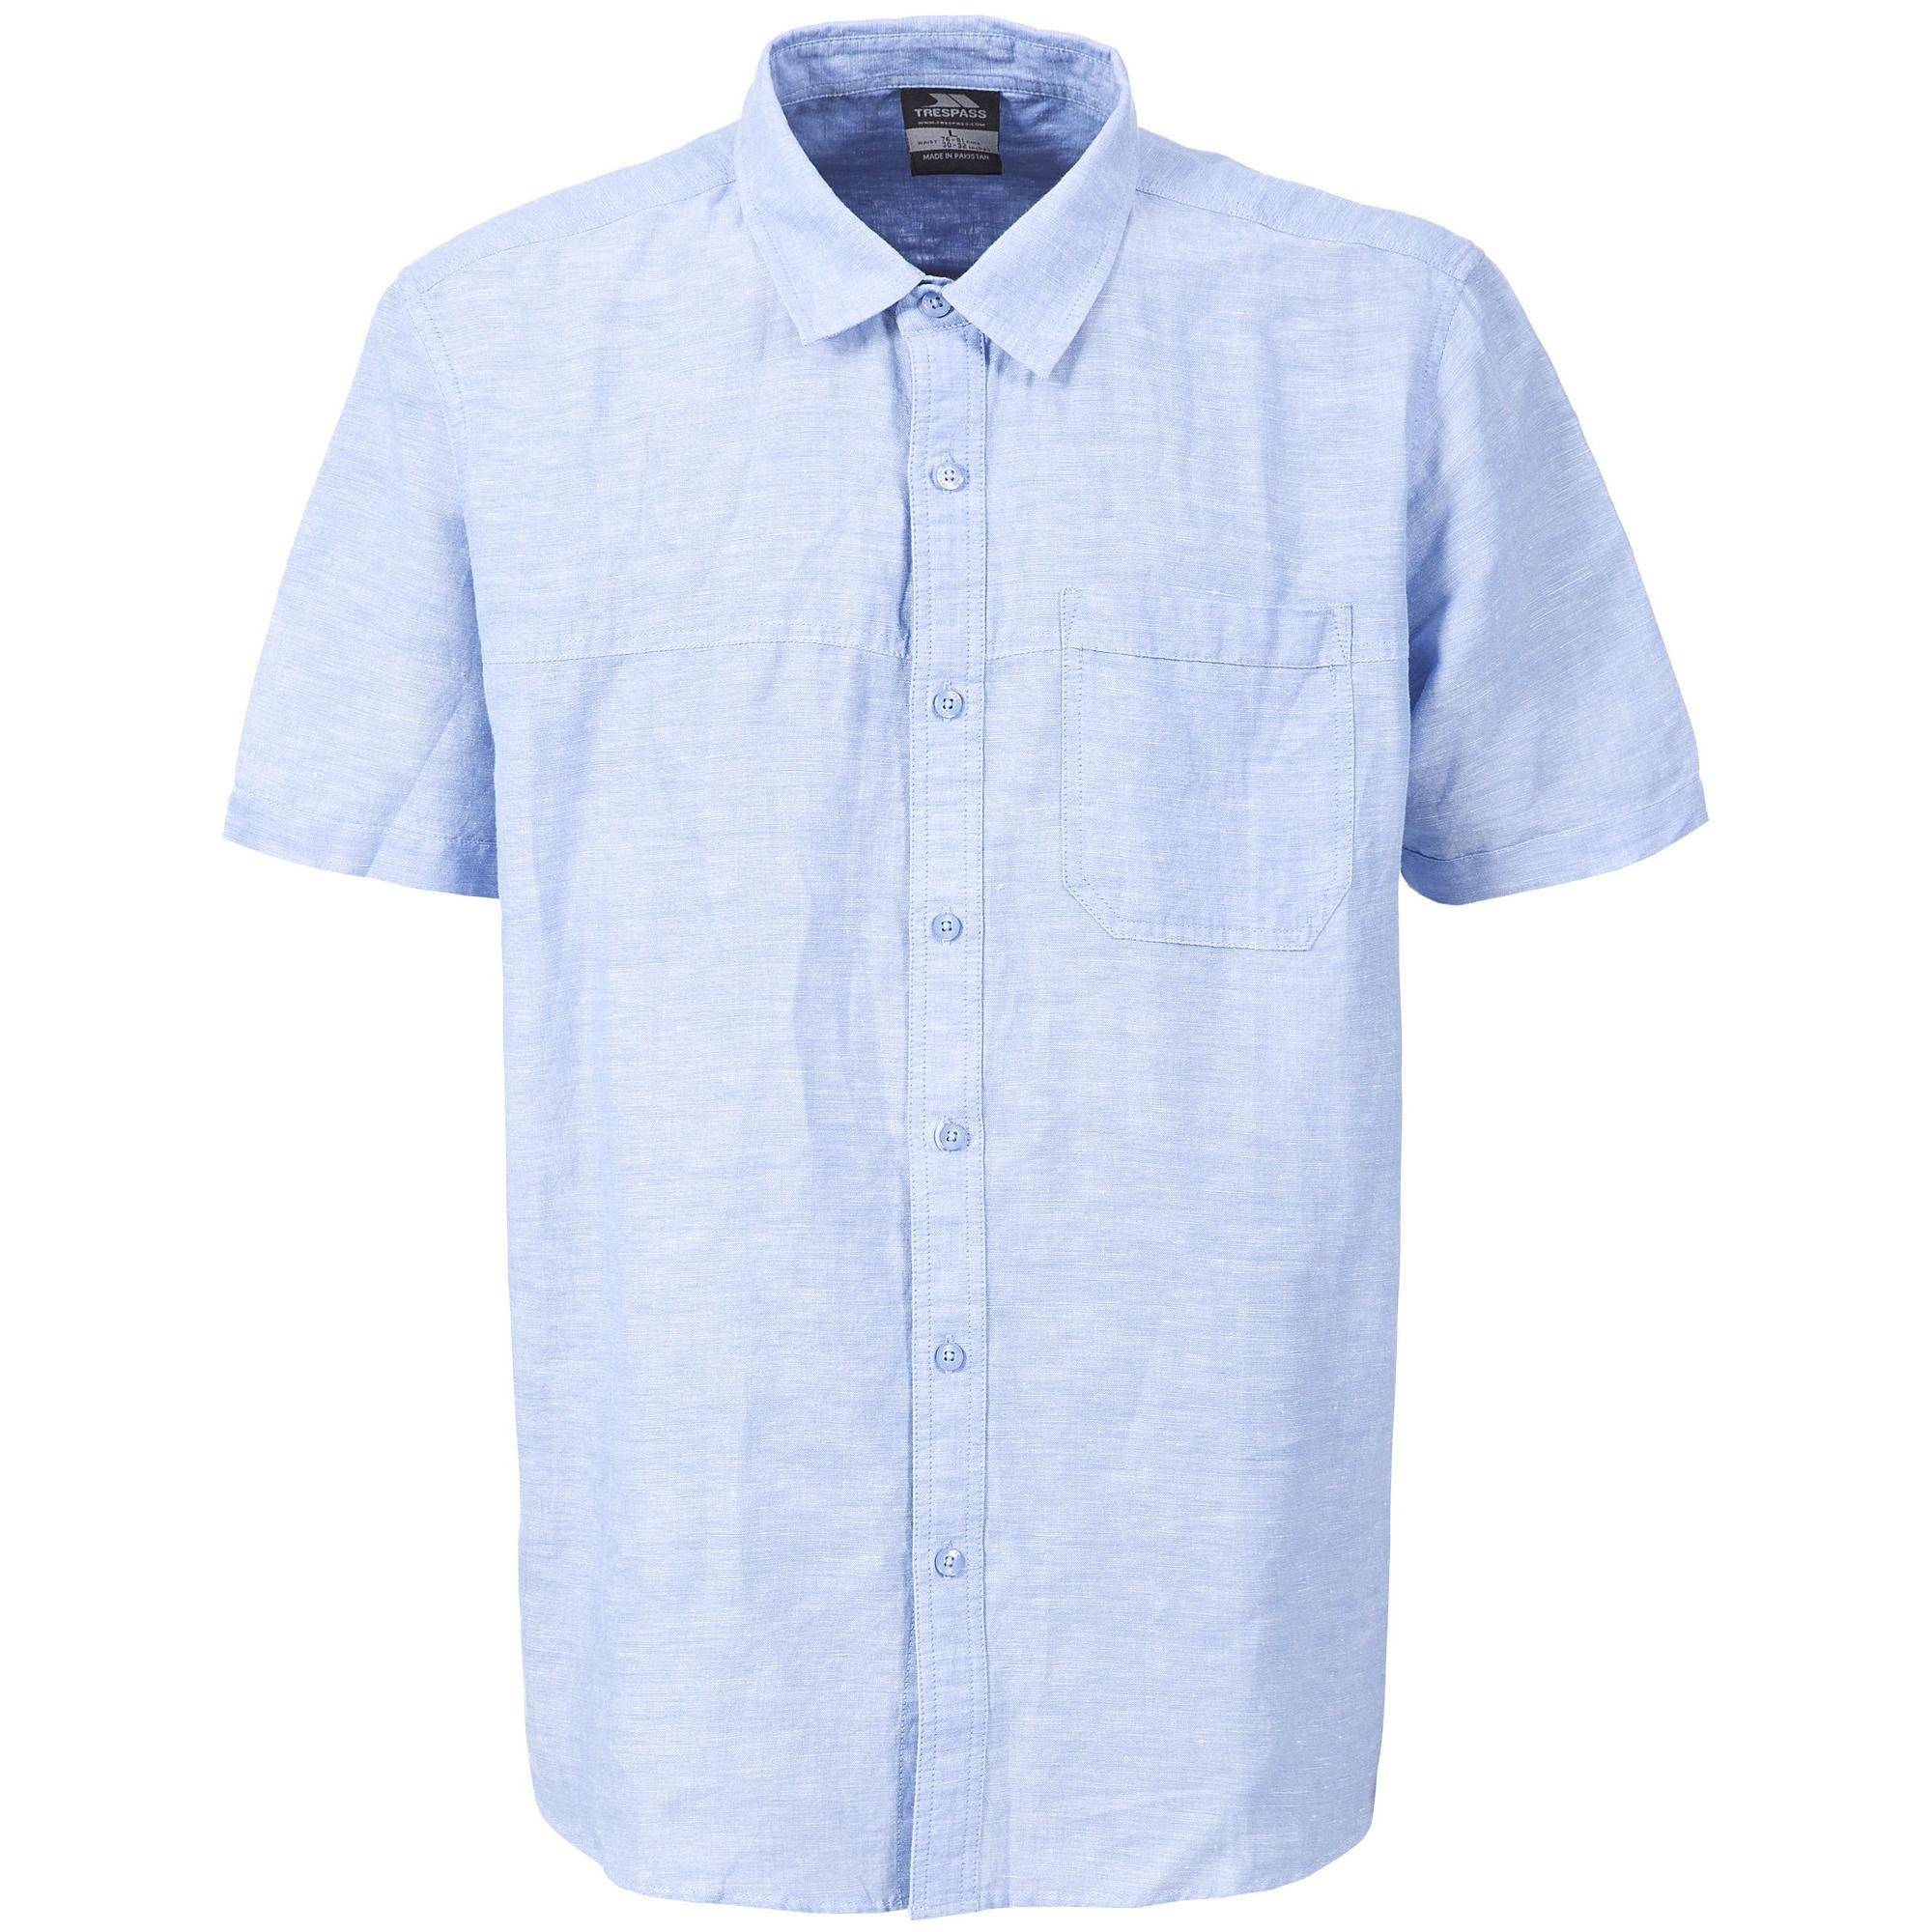 Trespass Kurzarmhemd Herren Saratov Kurzarm Freizeit Hemd | Bekleidung > Hemden > Freizeithemden | Blau | Trespass